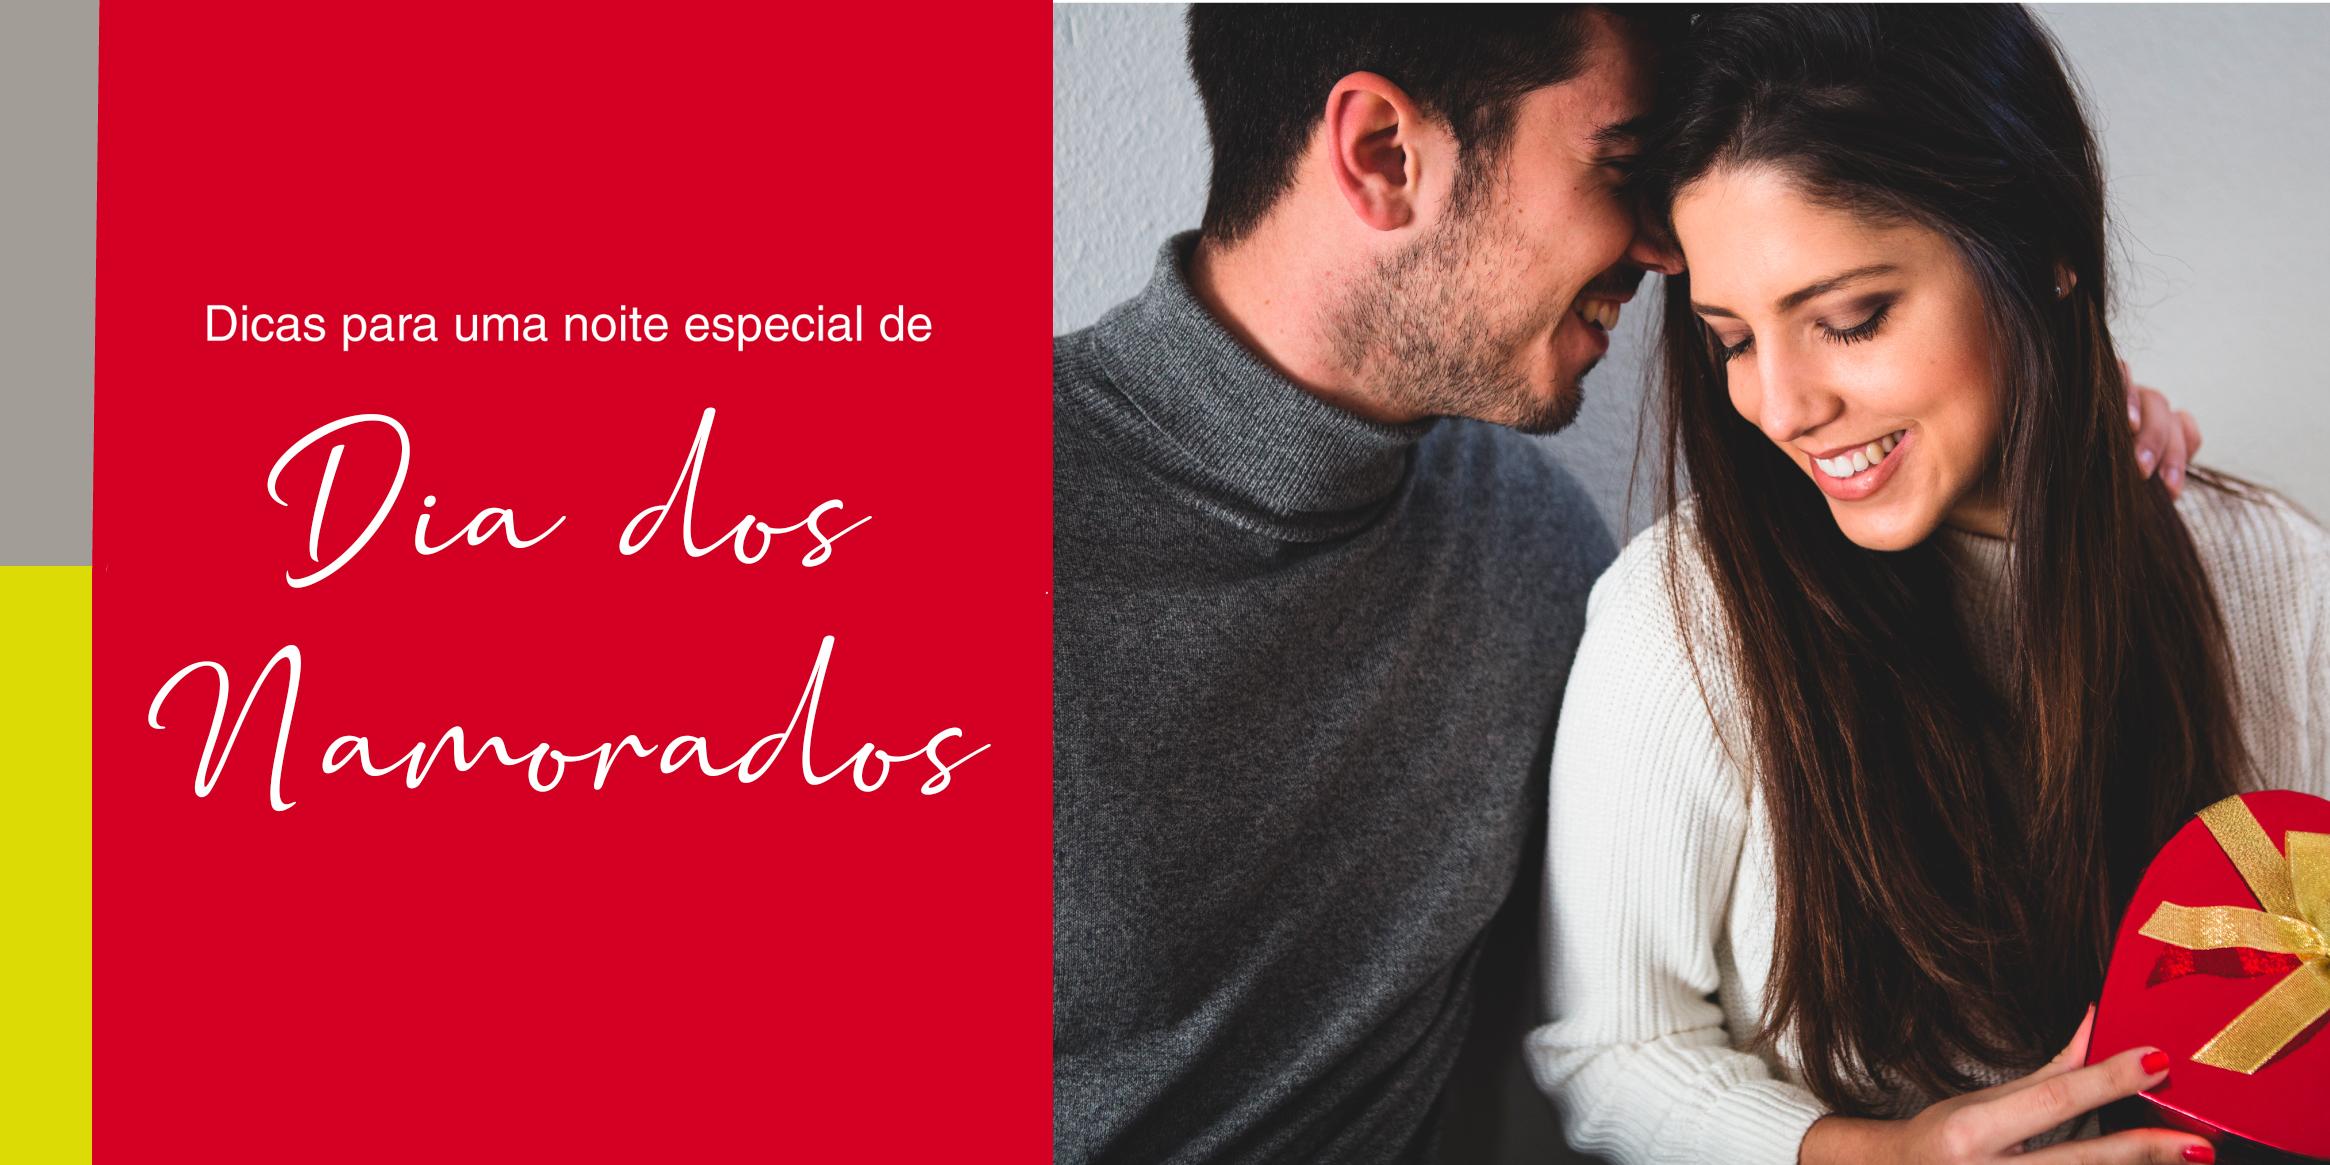 Noite romântica: dicas para uma noite especial de dia dos namorados